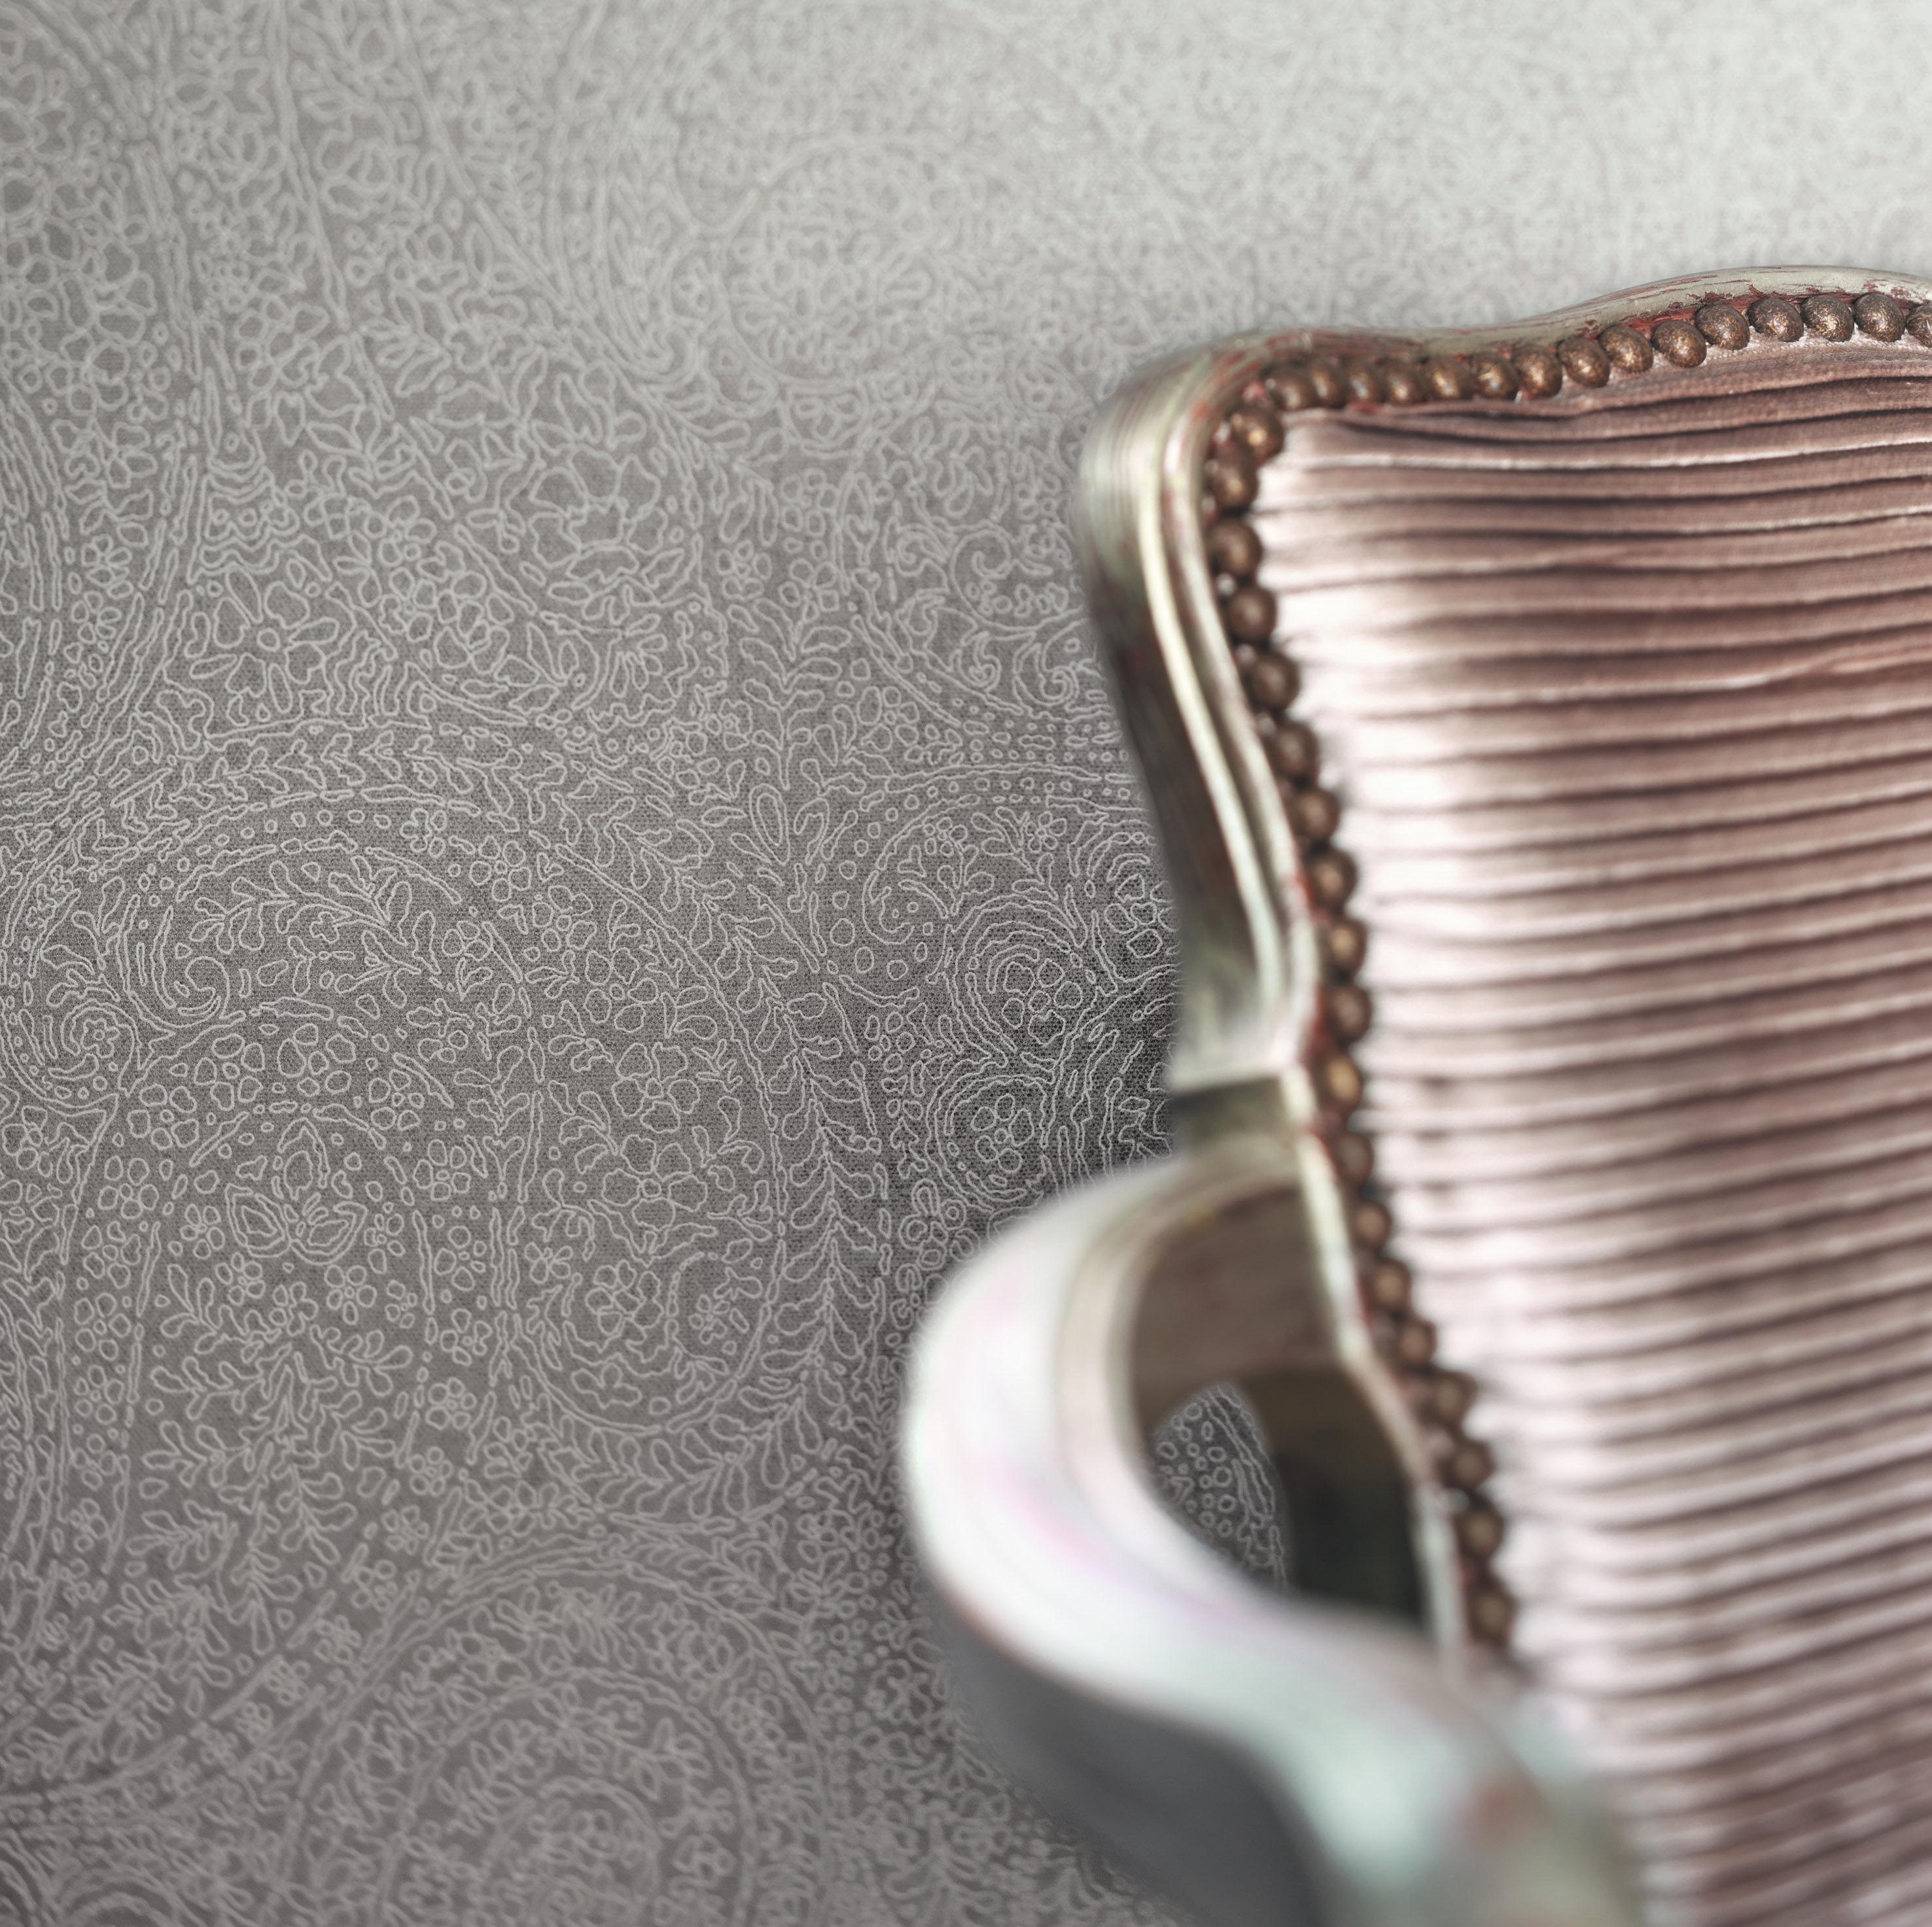 Collection SMART : Élégant, raffiné, intemporel, chaises, papier peint